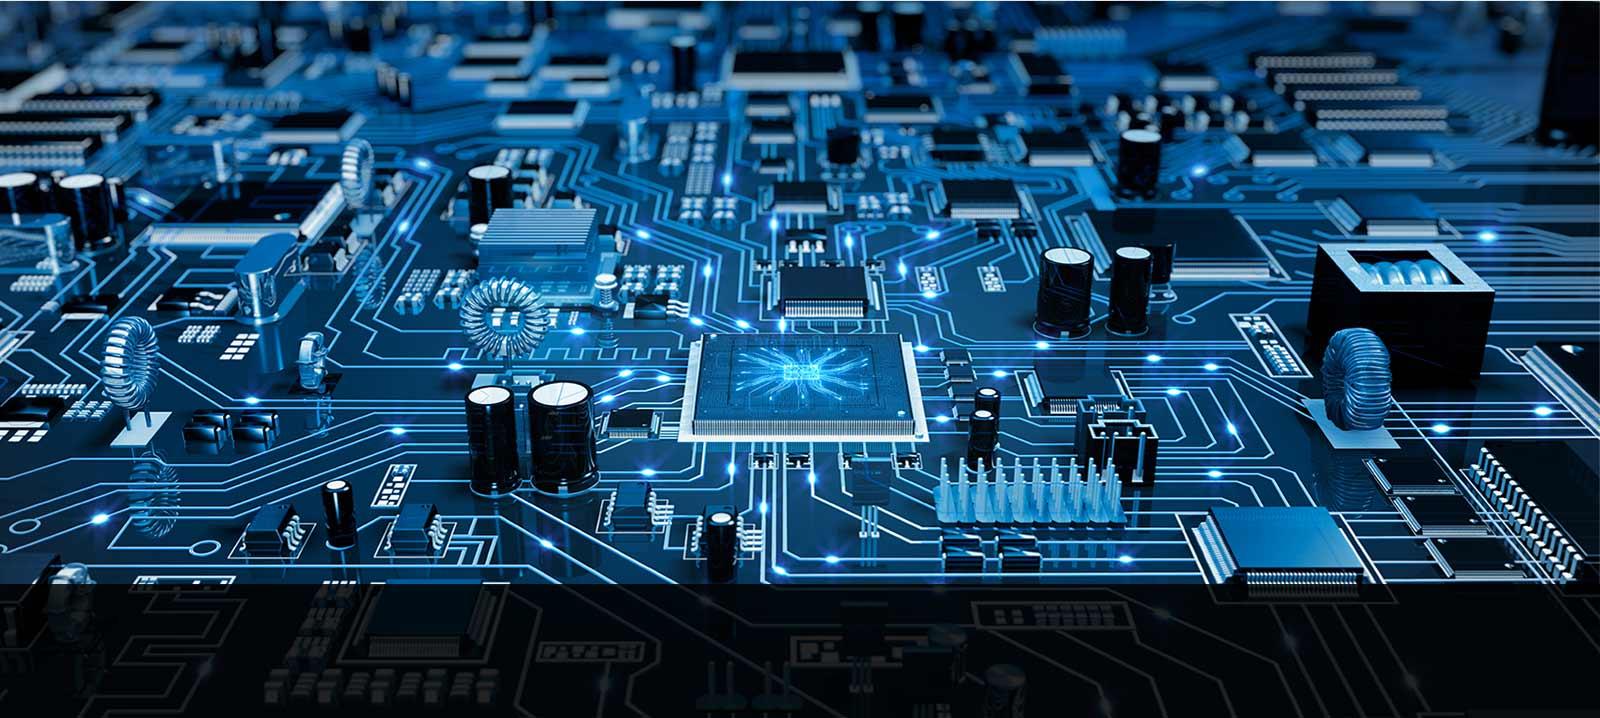 Digital Circuit Wallpapers